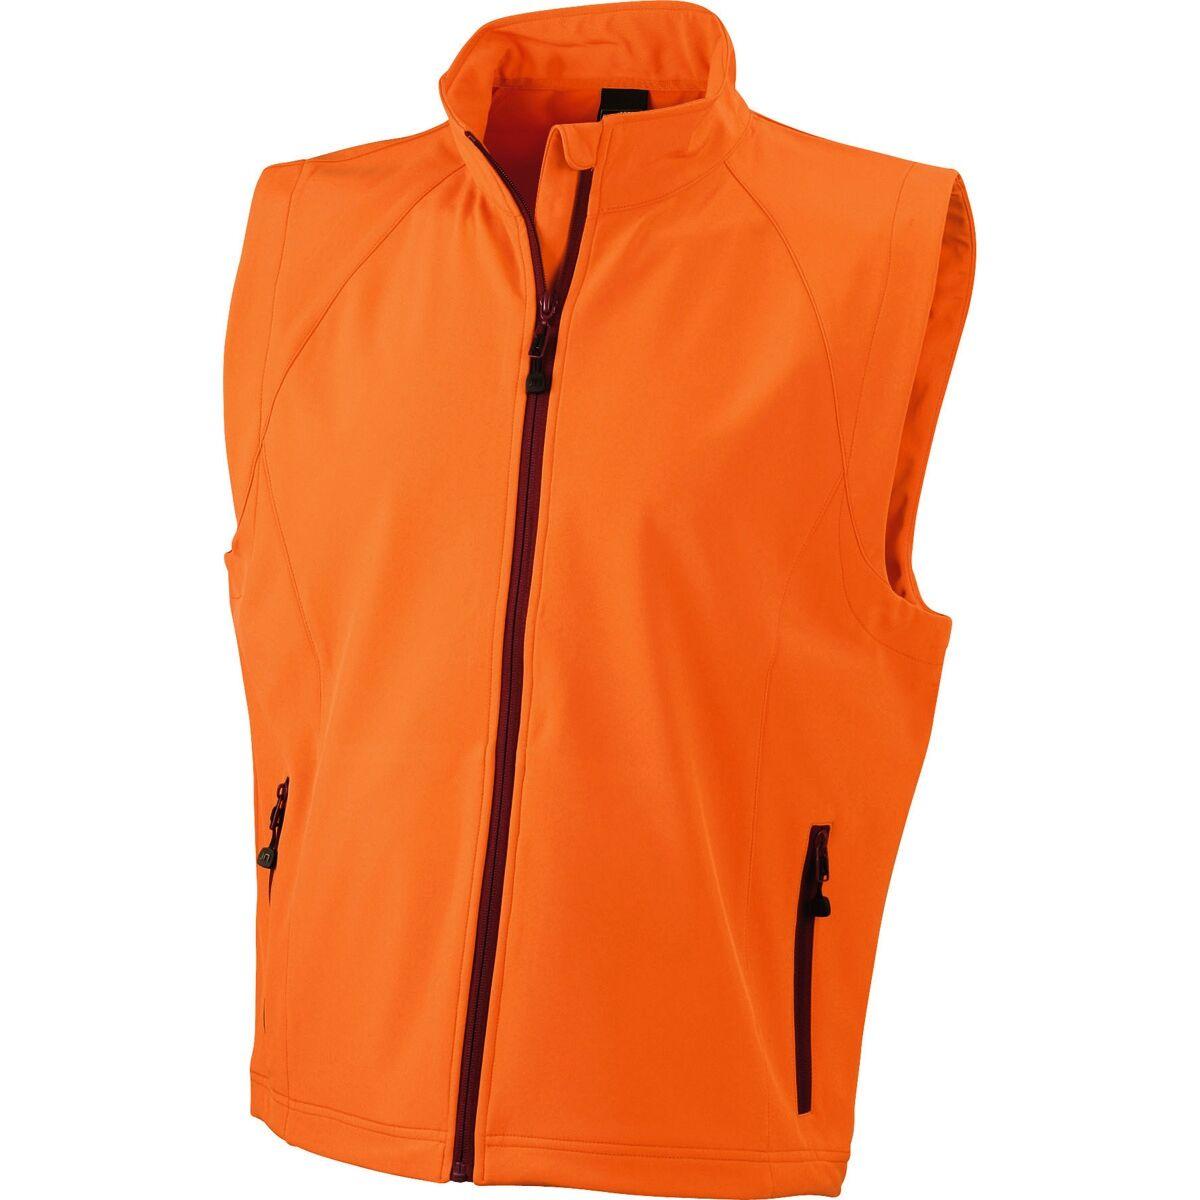 Gilet sans manches softshell coupe-vent imperméable - JN1022 - orange - homme